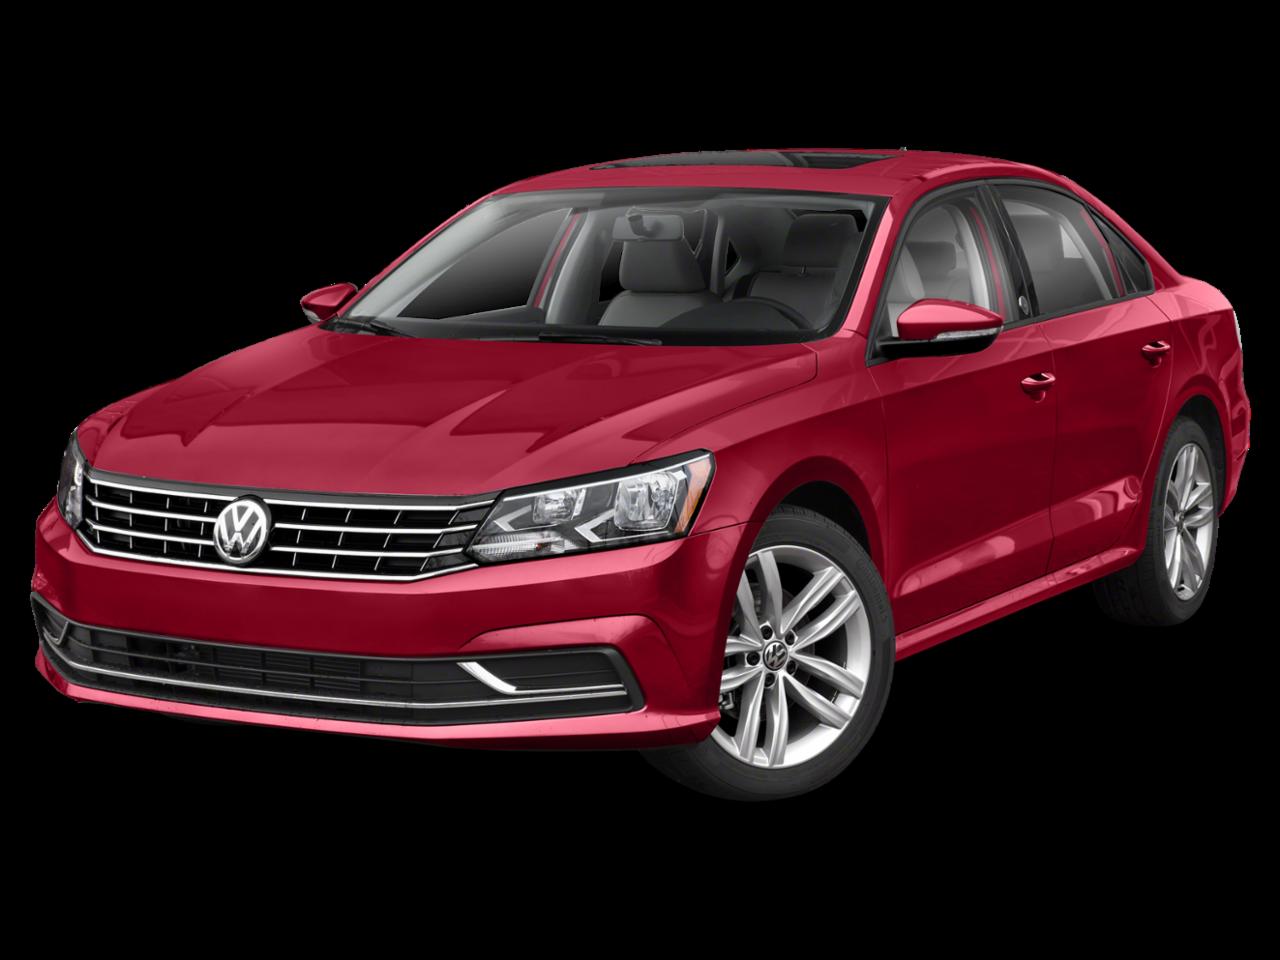 New 2019 Volkswagen Passat 2.0T SE R-Line